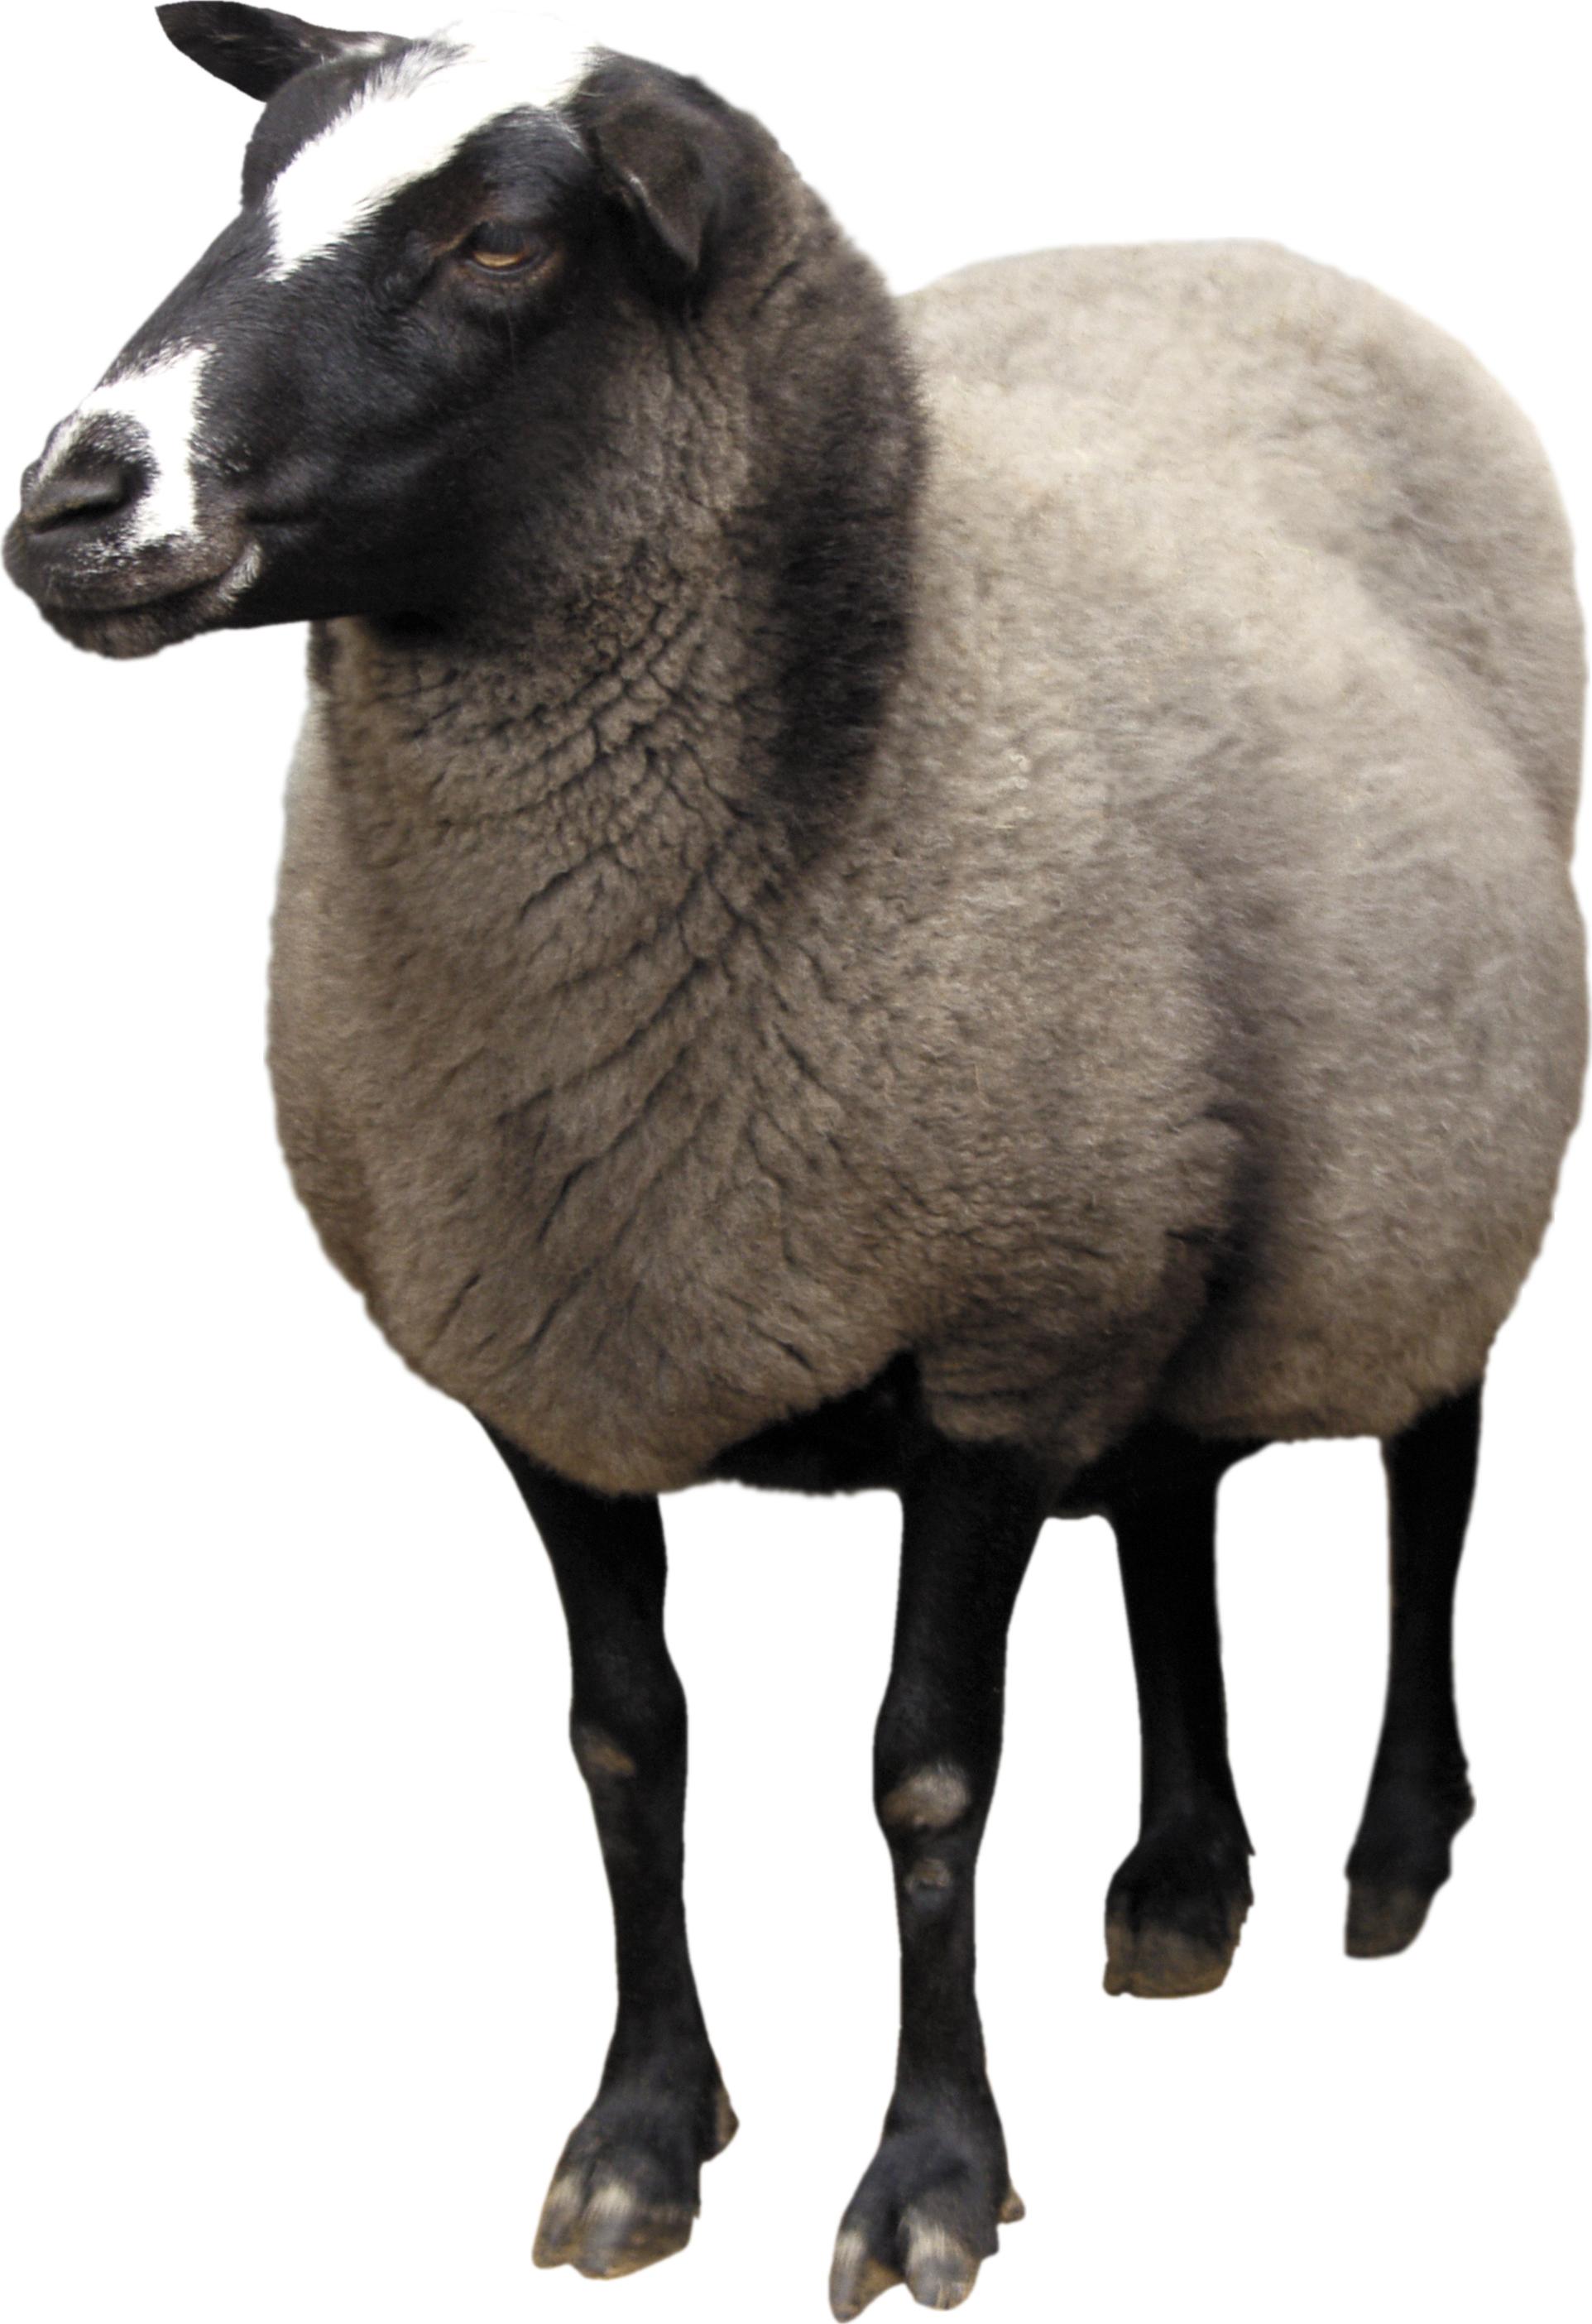 Sheep PNG - 6529